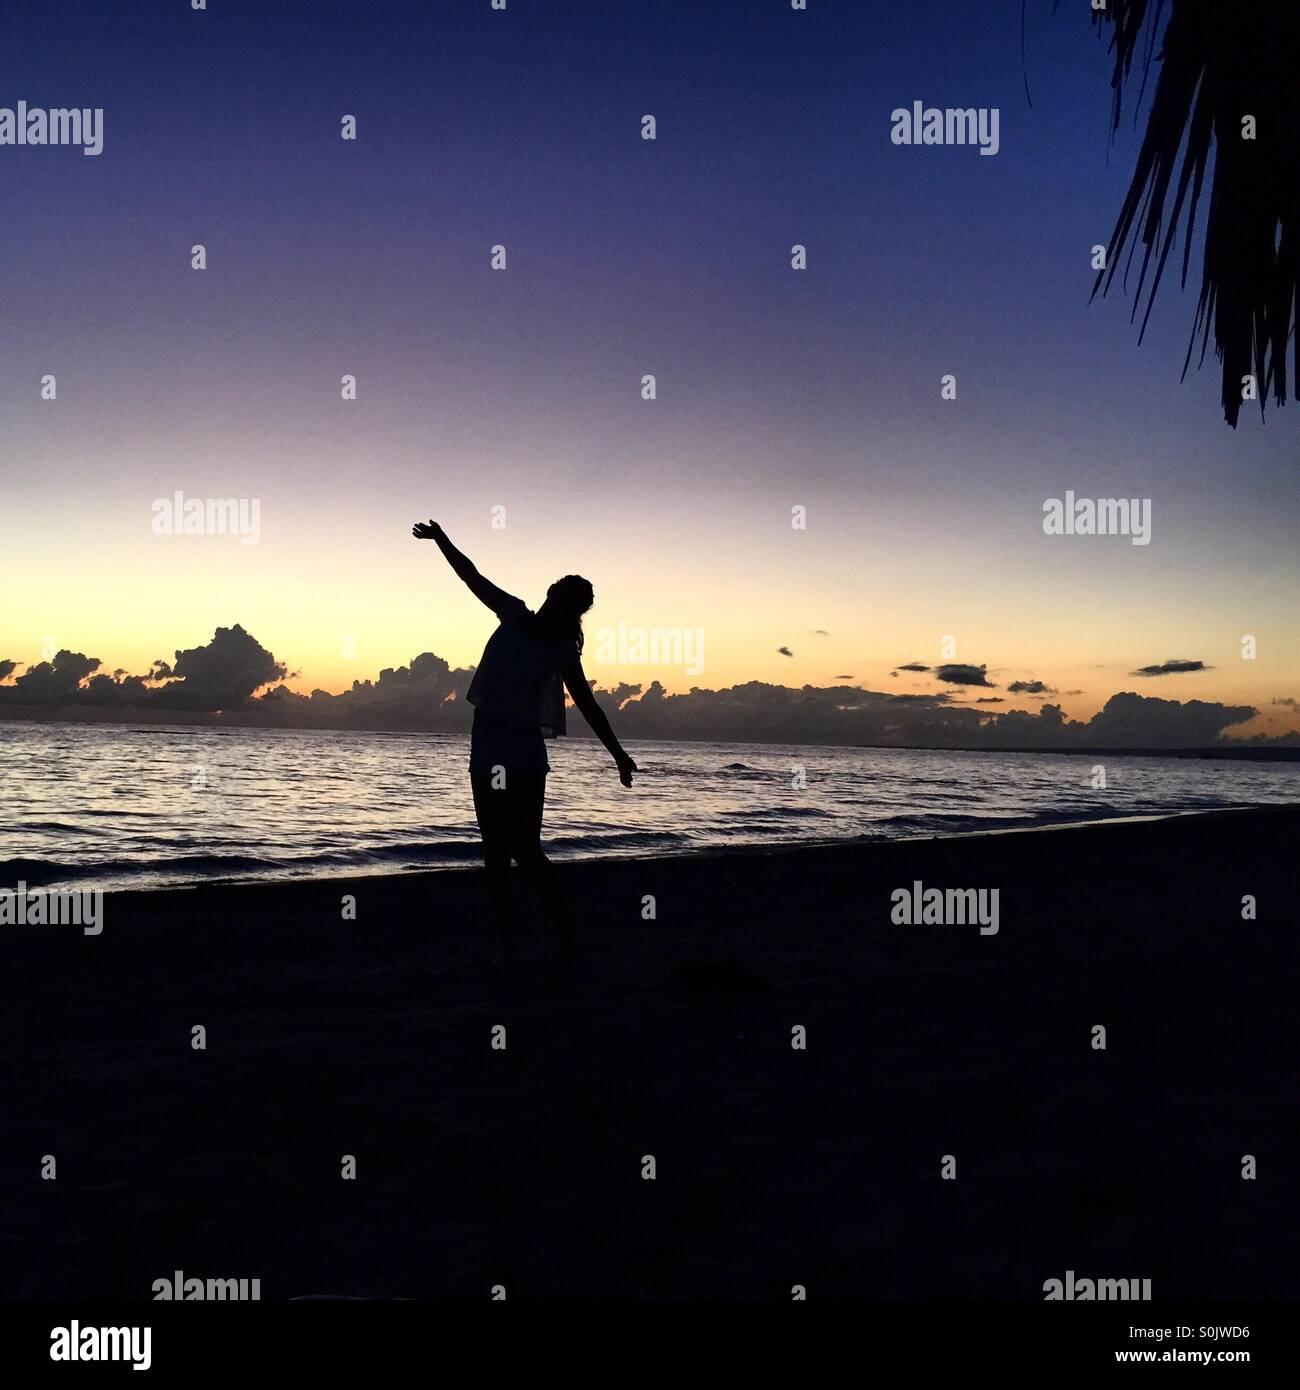 Mode de vie dominicaine Photo Stock